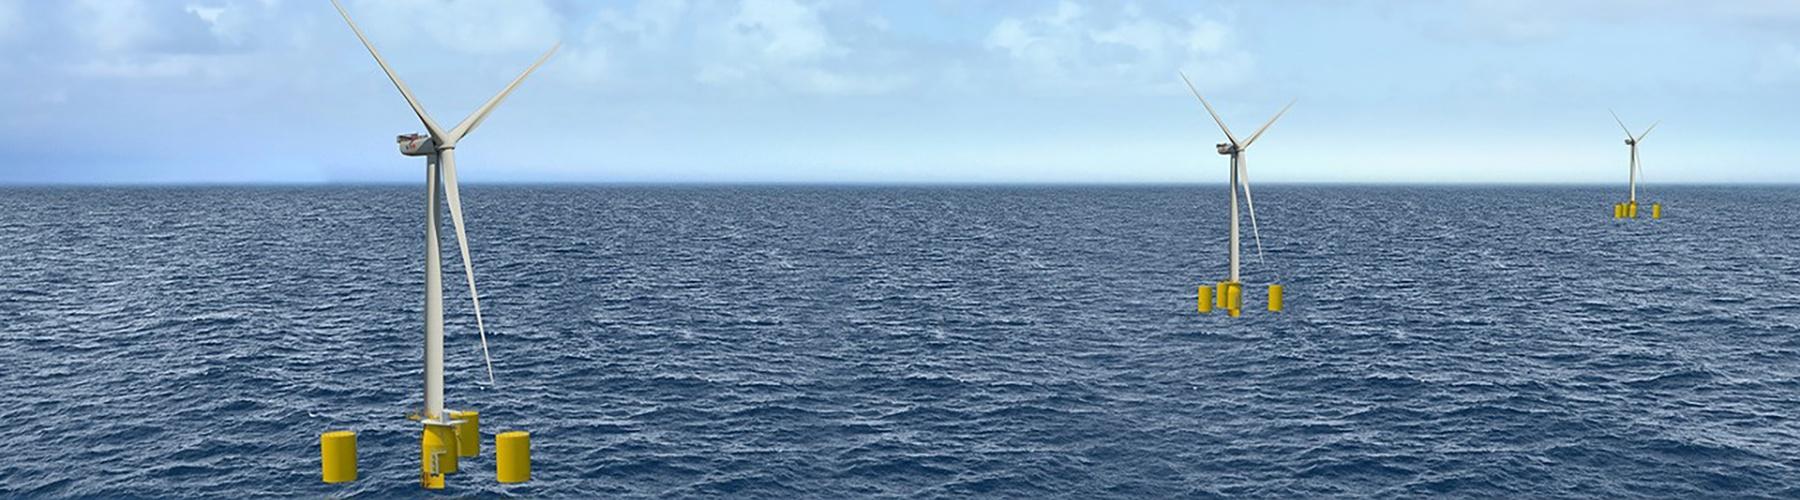 Ferme d'éoliennes flottantes